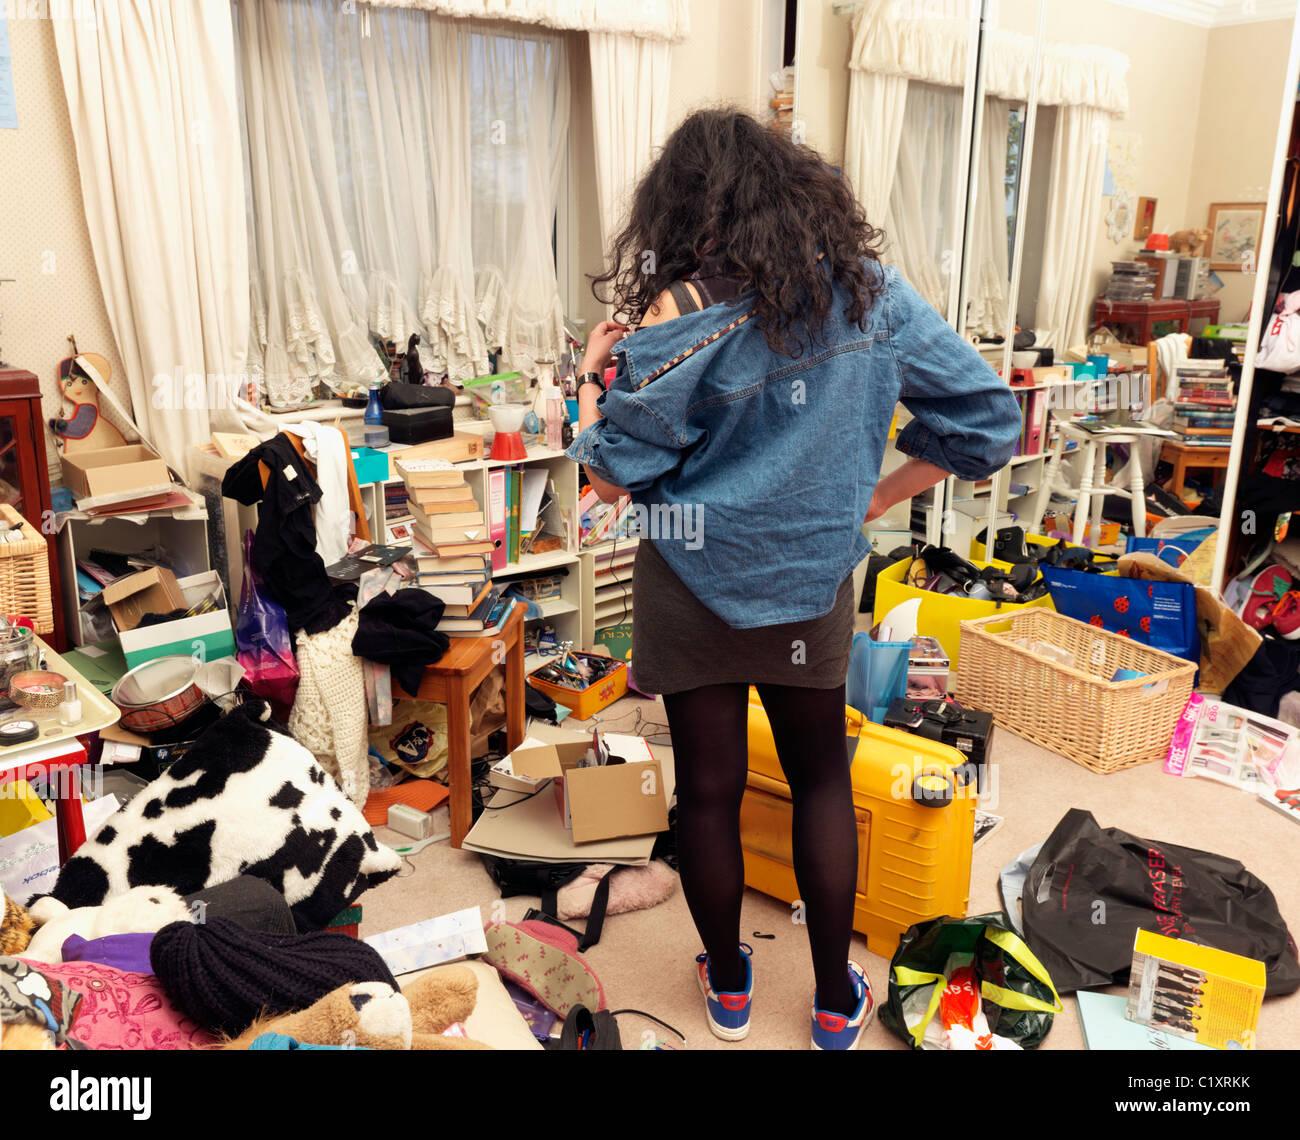 Adolescente en desordenado Dormitorio Foto de stock